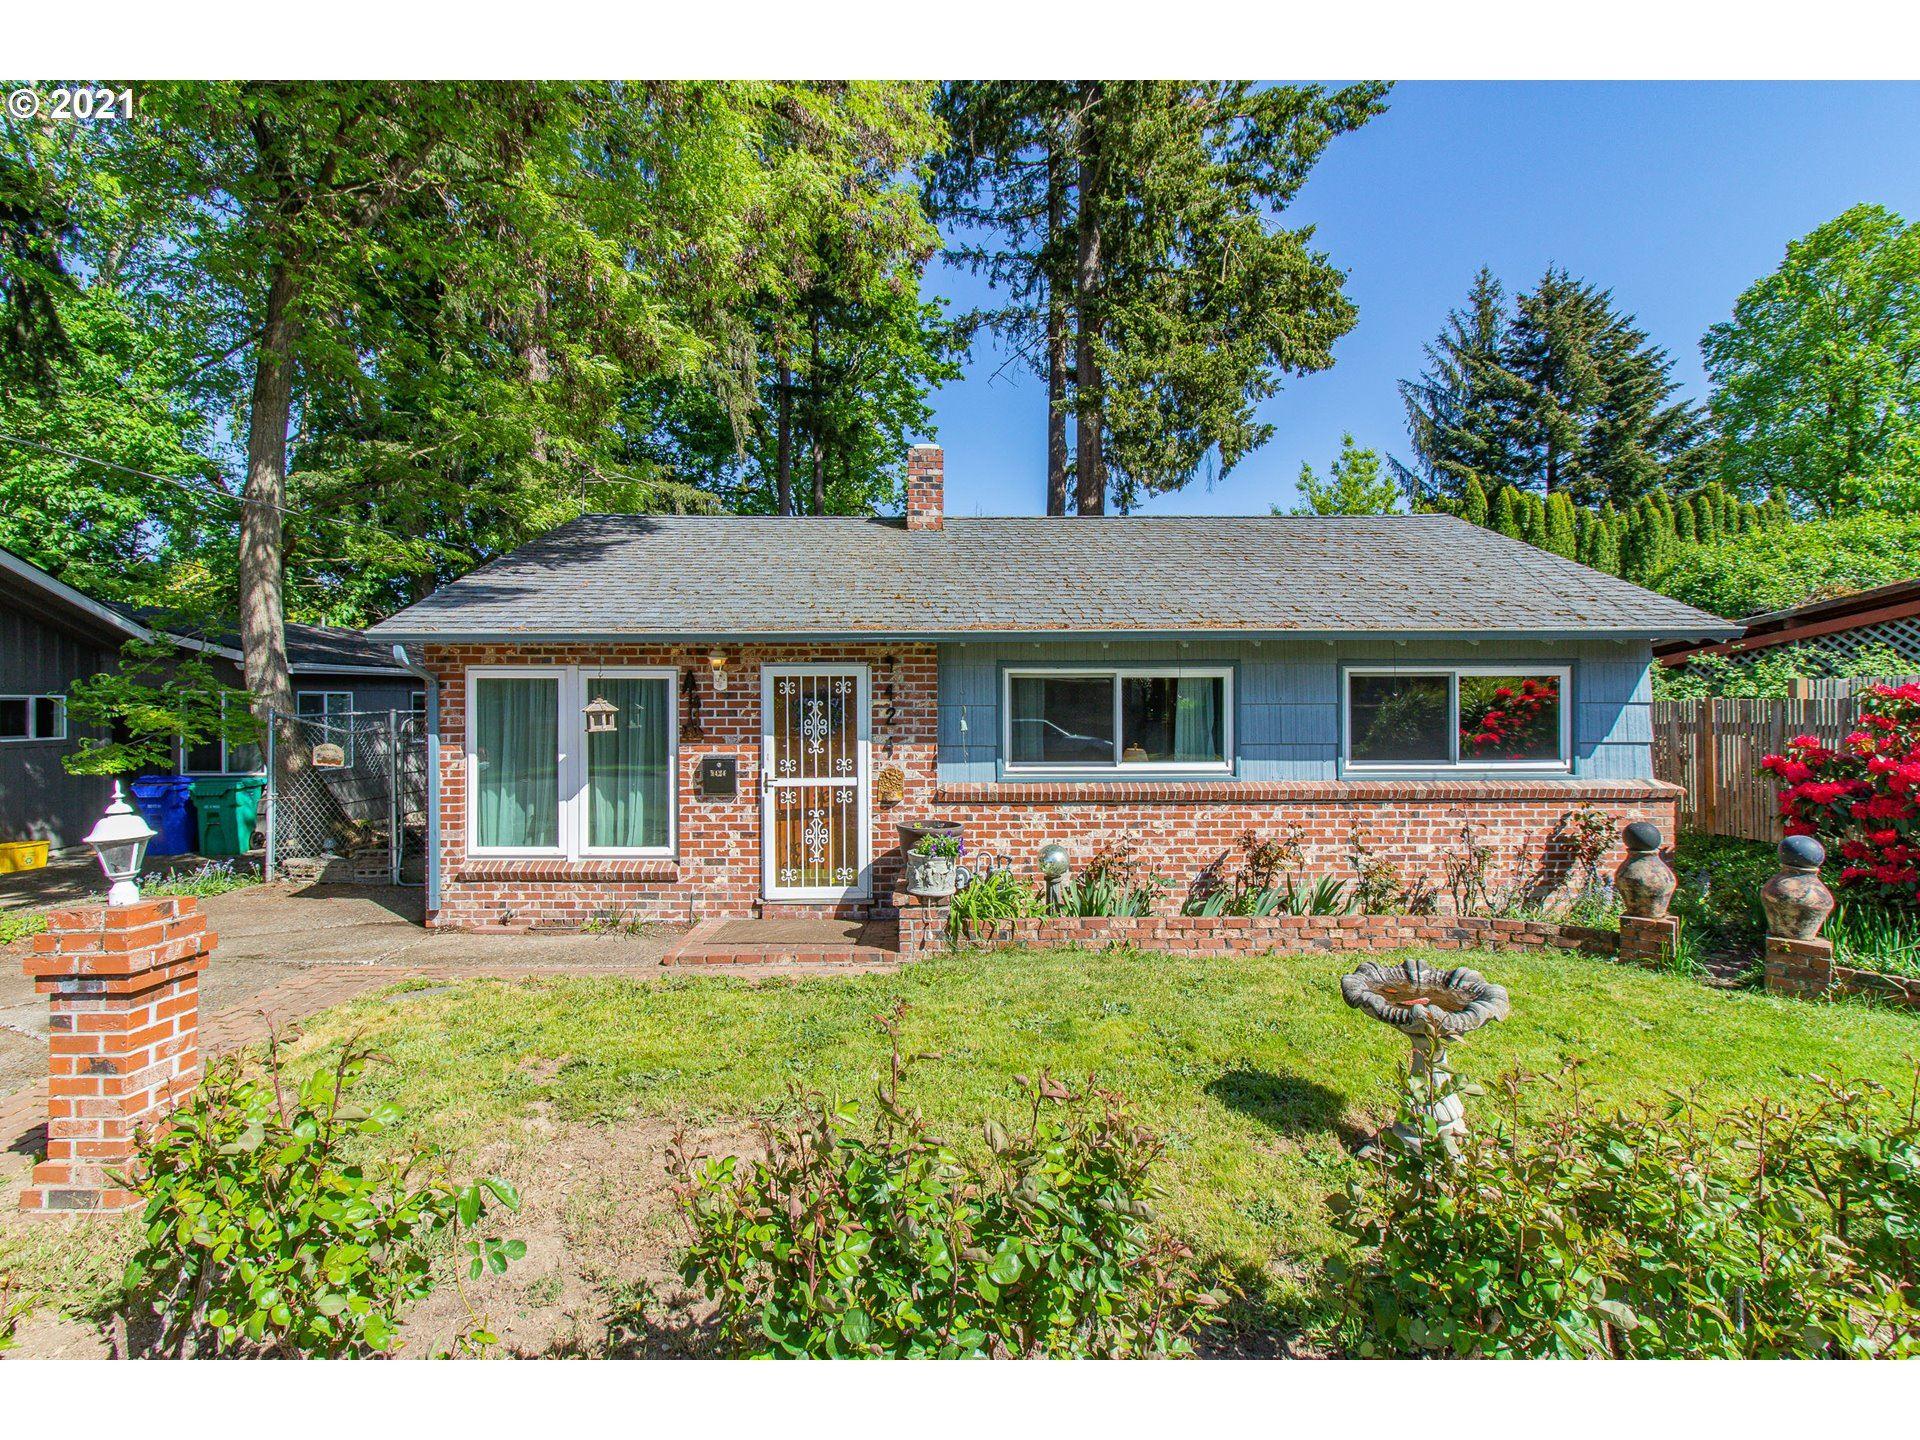 9424 N GILBERT AVE, Portland, OR 97203 - MLS#: 21202903